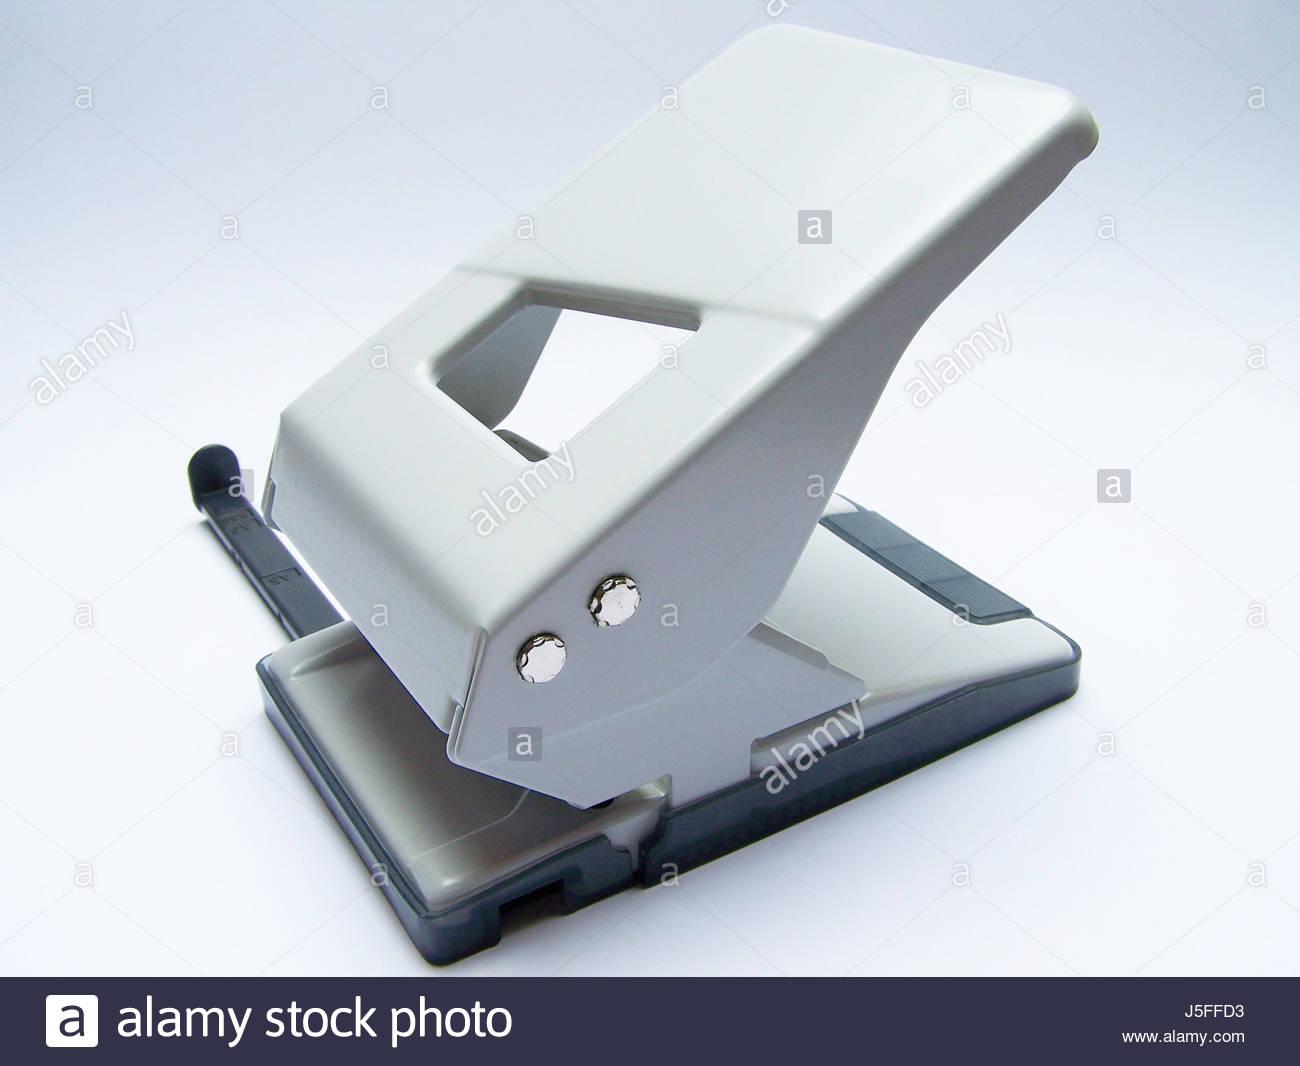 Fournitures de bureau en métal de loutil de perforation des trous